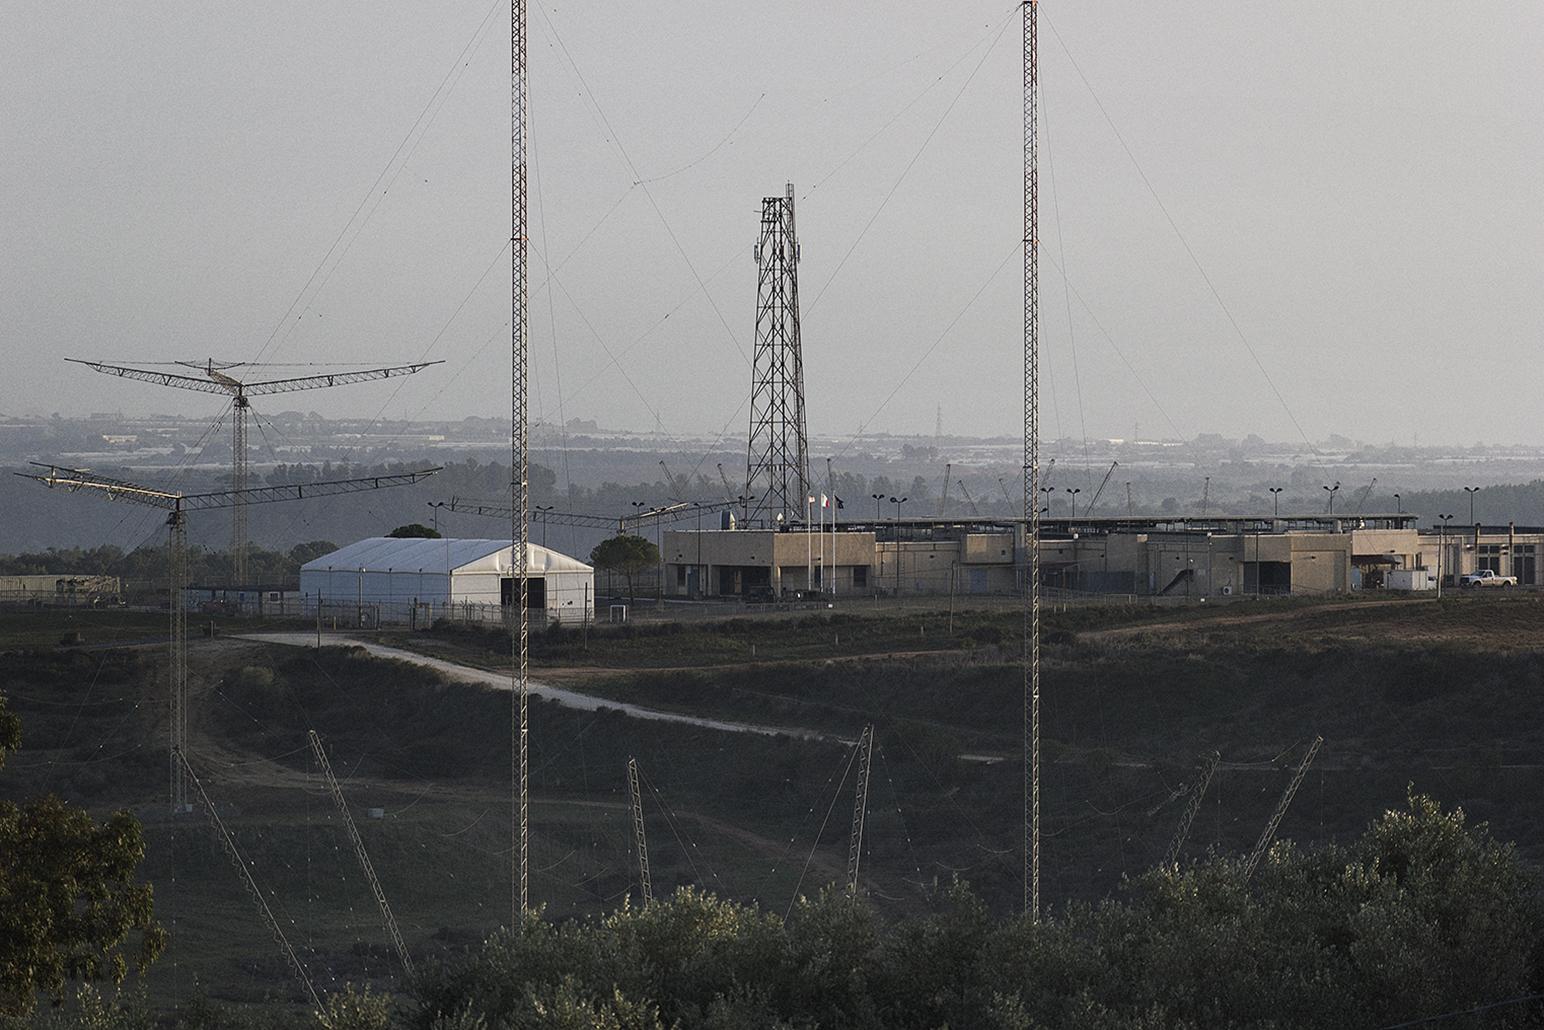 Niscemi (CL), Novembre 2017. Vista sul Naval Radio Transmitter Facility (MUOS) © Chiara Faggionato